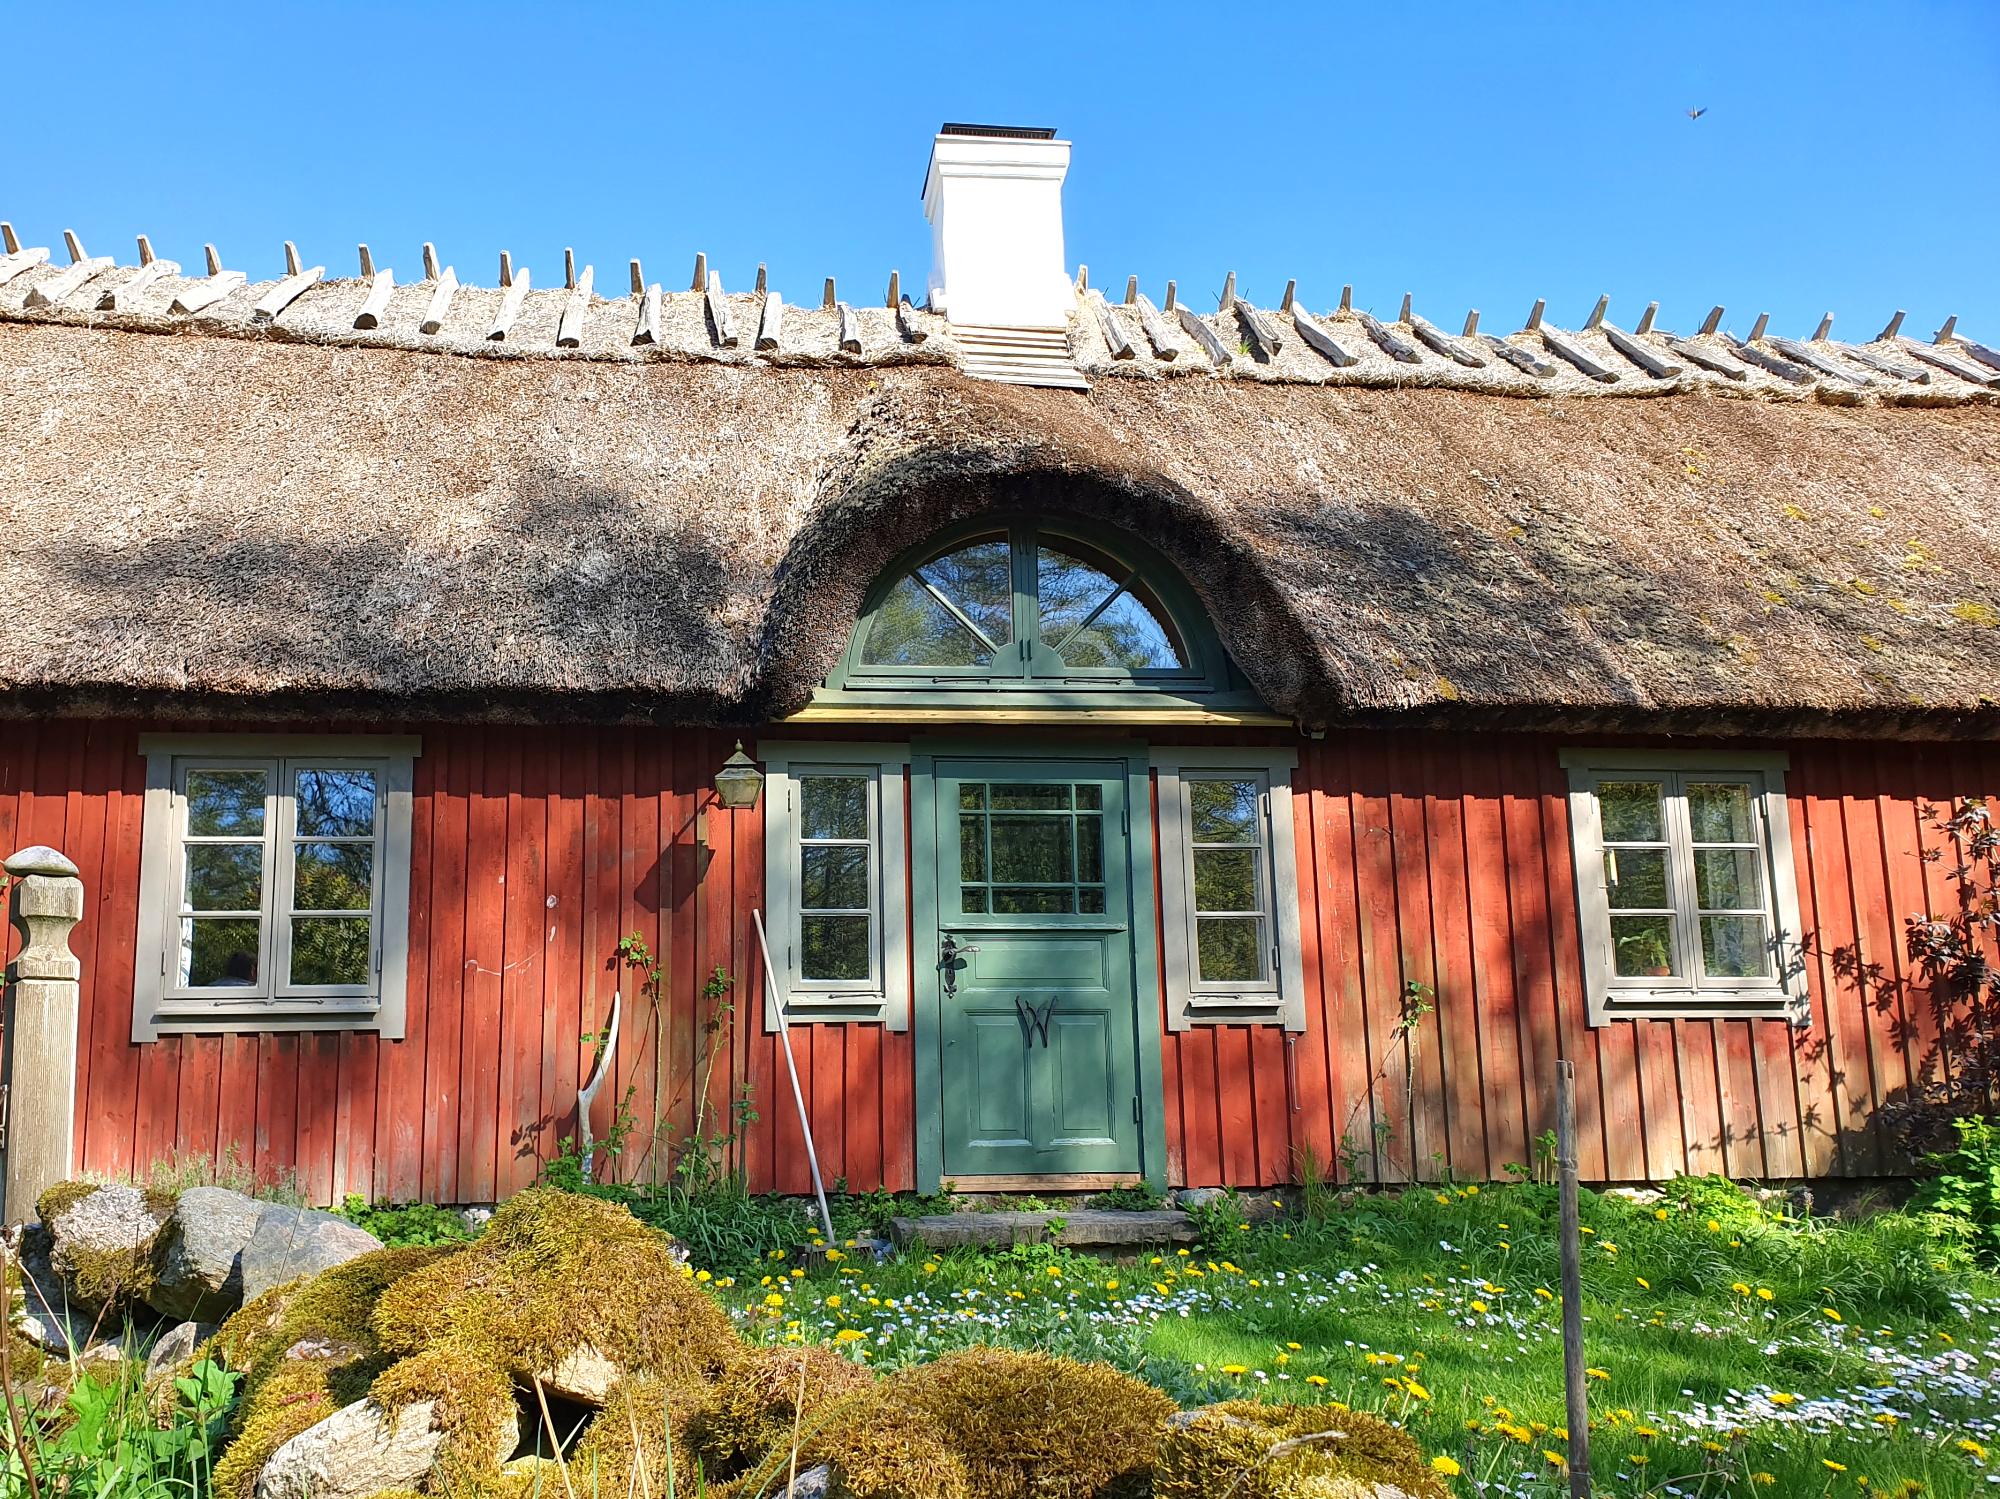 Taken är täckta med strå enligt traditionella metoder.